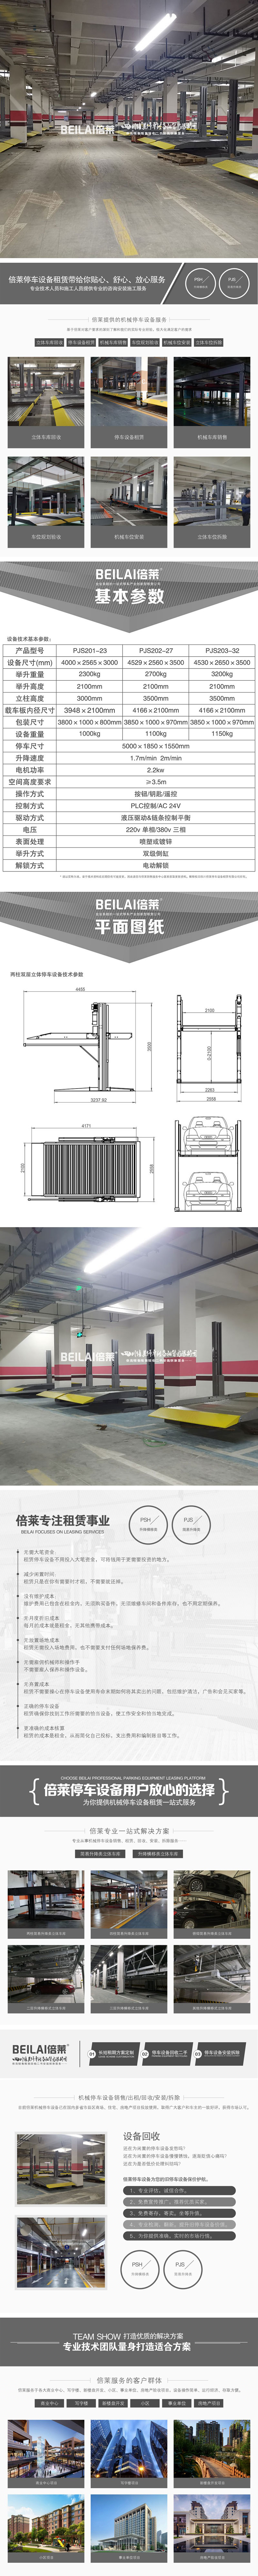 仁和區智能車庫 五通橋區樓盤機械車庫 前鋒停車設備二手 機械式立體停車小型